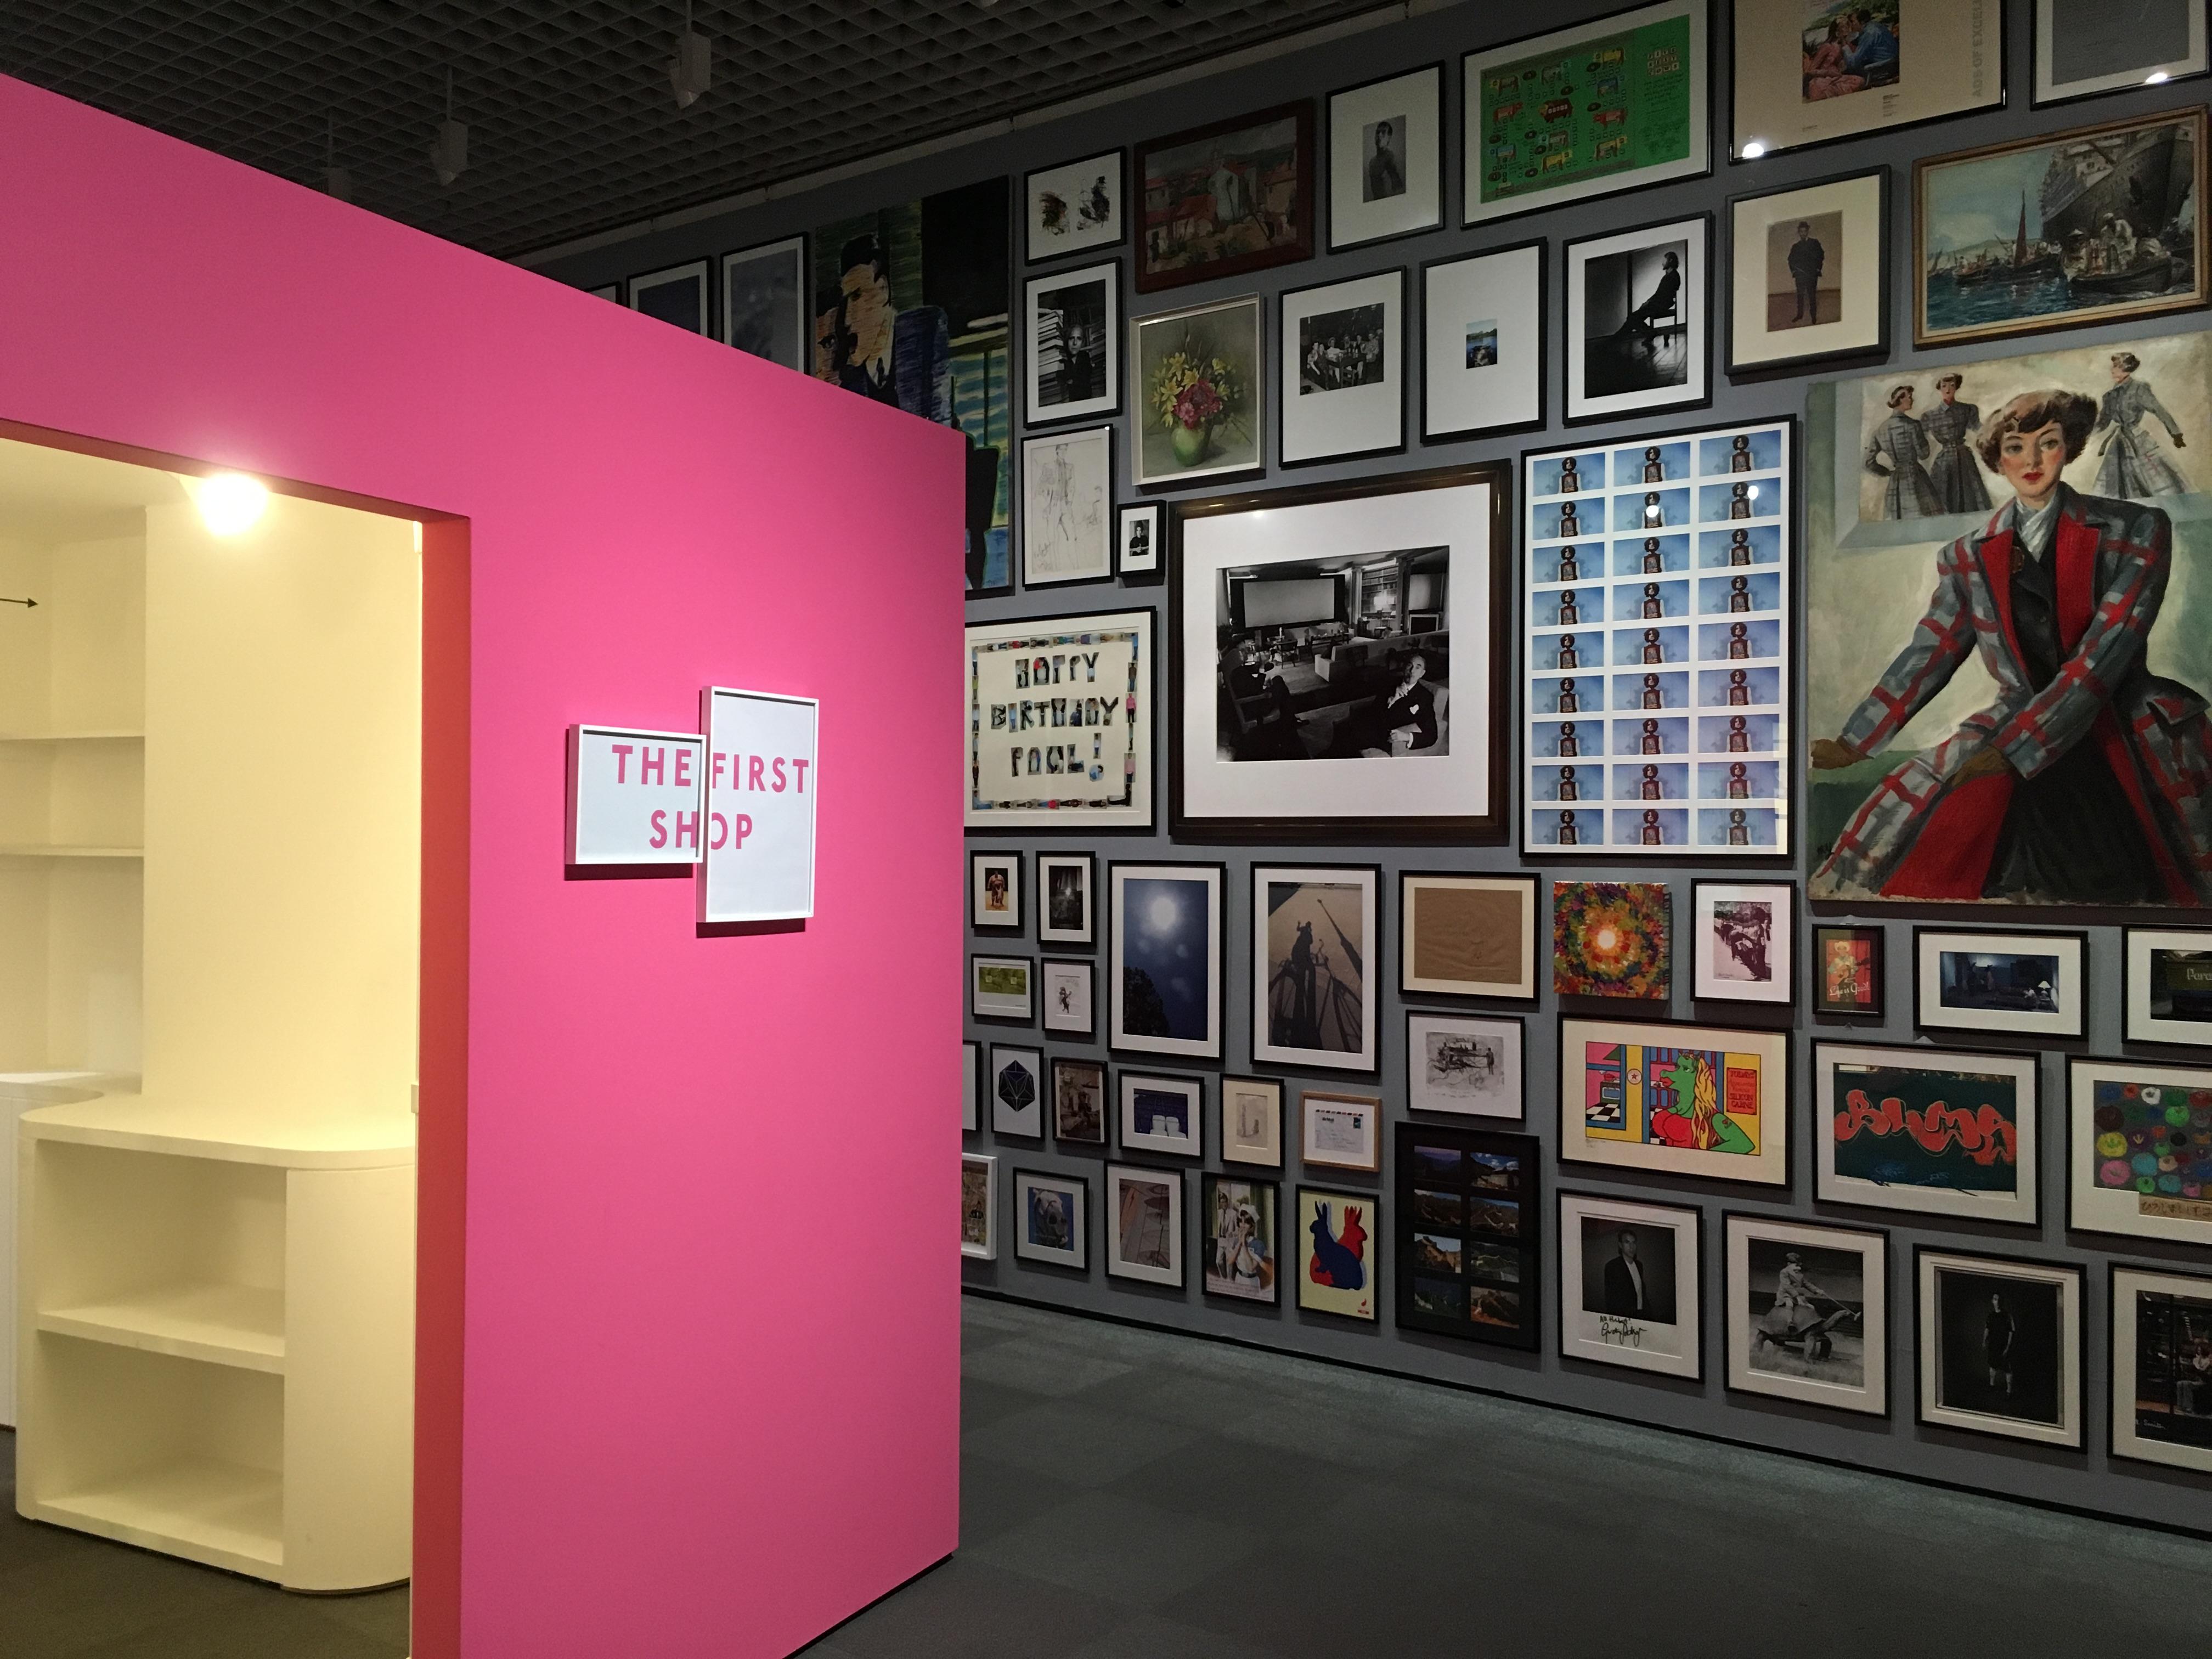 カラフルな作品と展示に心躍る!「ポール・スミス展」 in 名古屋体験レポート - 2332cc98dc8056fca201e6c7da1fcd33